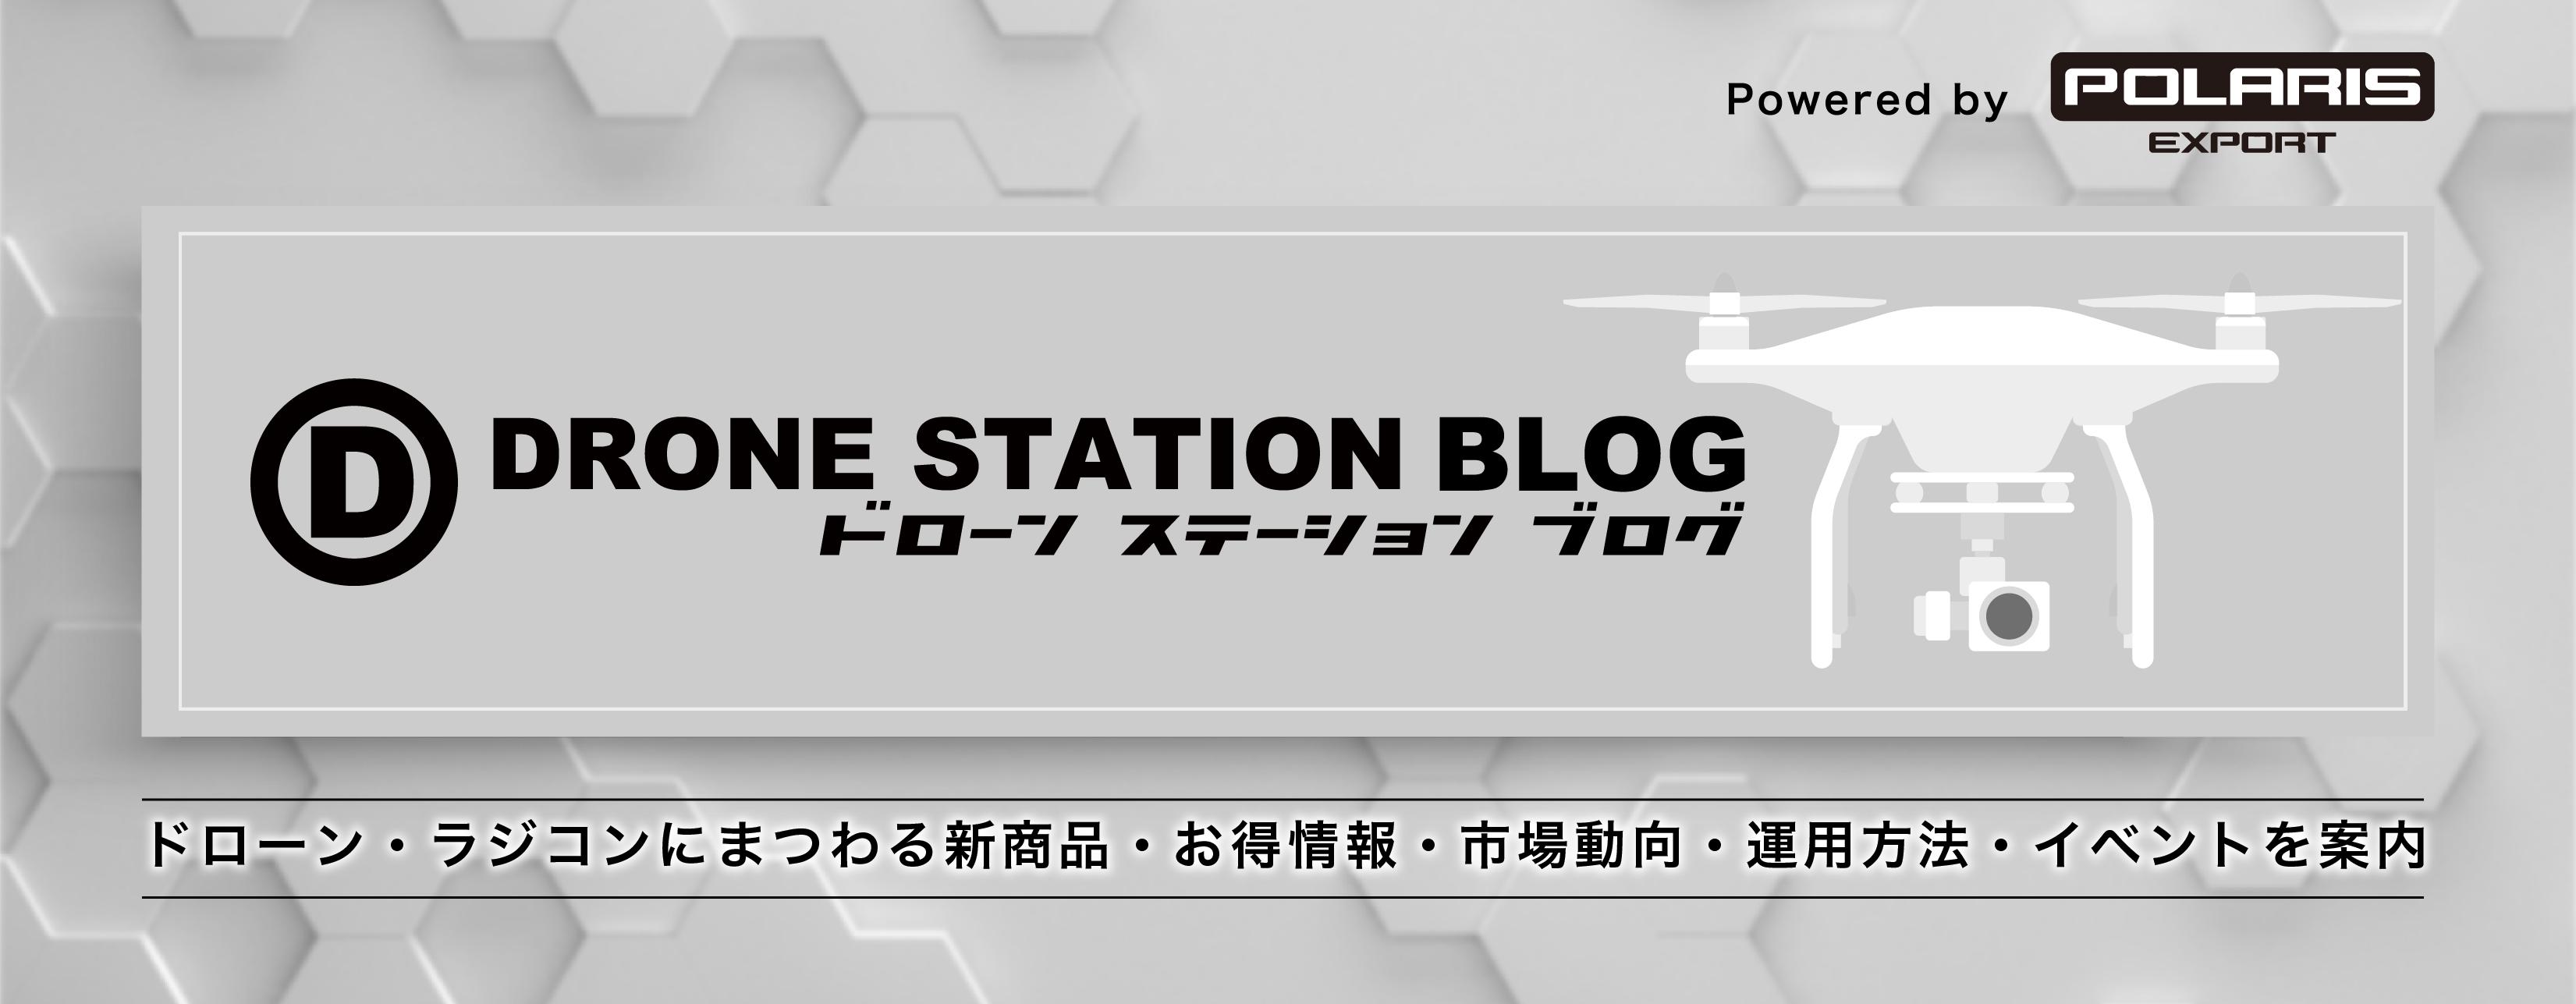 ドローンステーションブログ-Drone Station Blog-